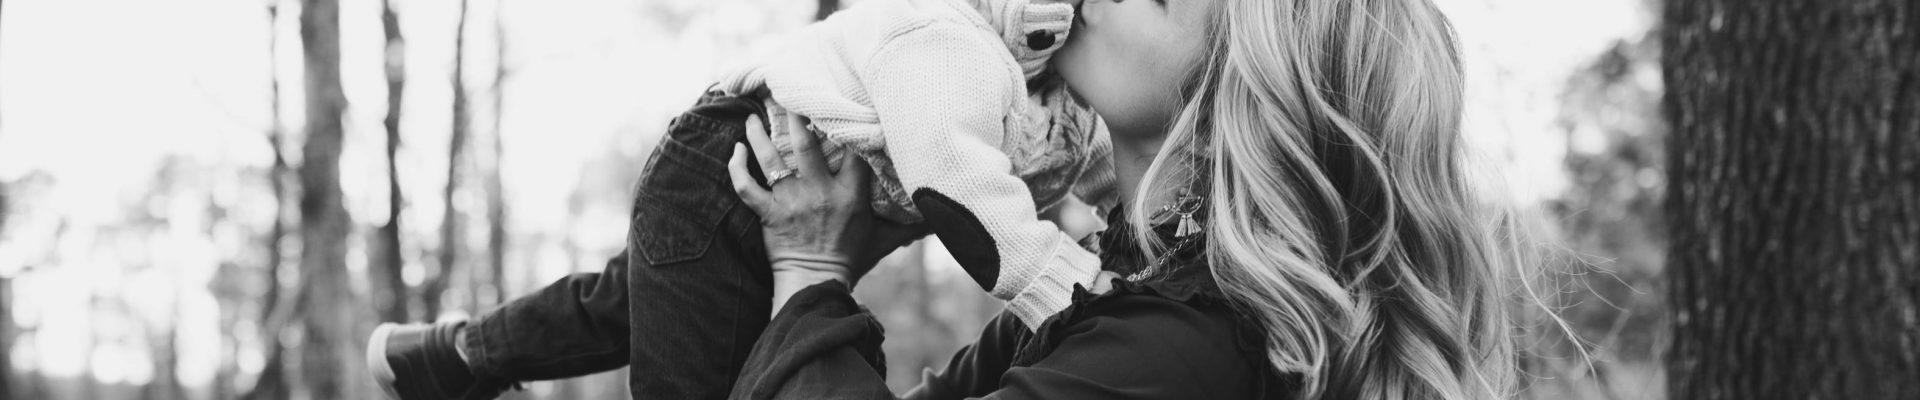 Moj sin je usvojen i da ja sam njegova prava majka